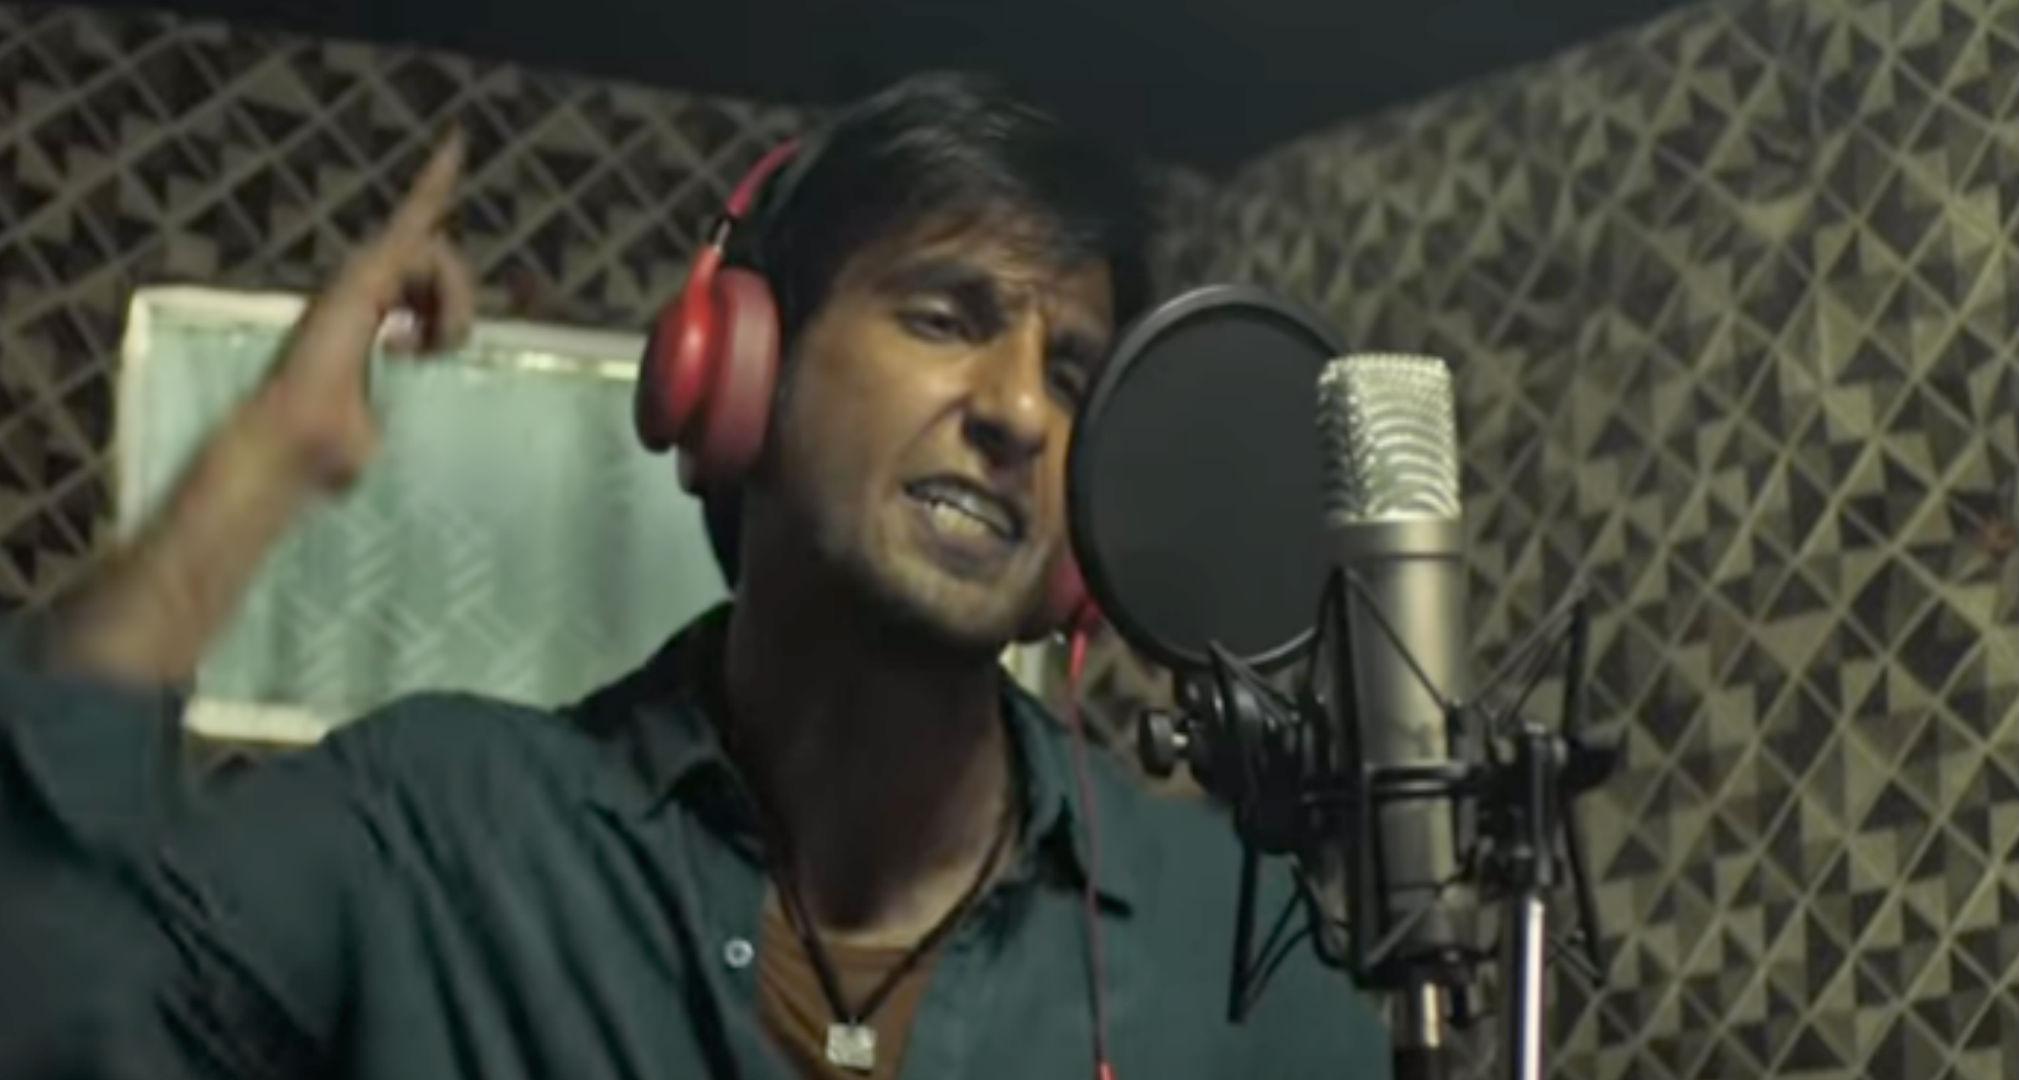 Gully Boy Song: फिल्म गल्ली बॉय का सॉन्ग 'अपना टाइम आएगा' लॉन्च, दिल जीत लेगा रणवीर सिंह का रैपिंग स्टाइल